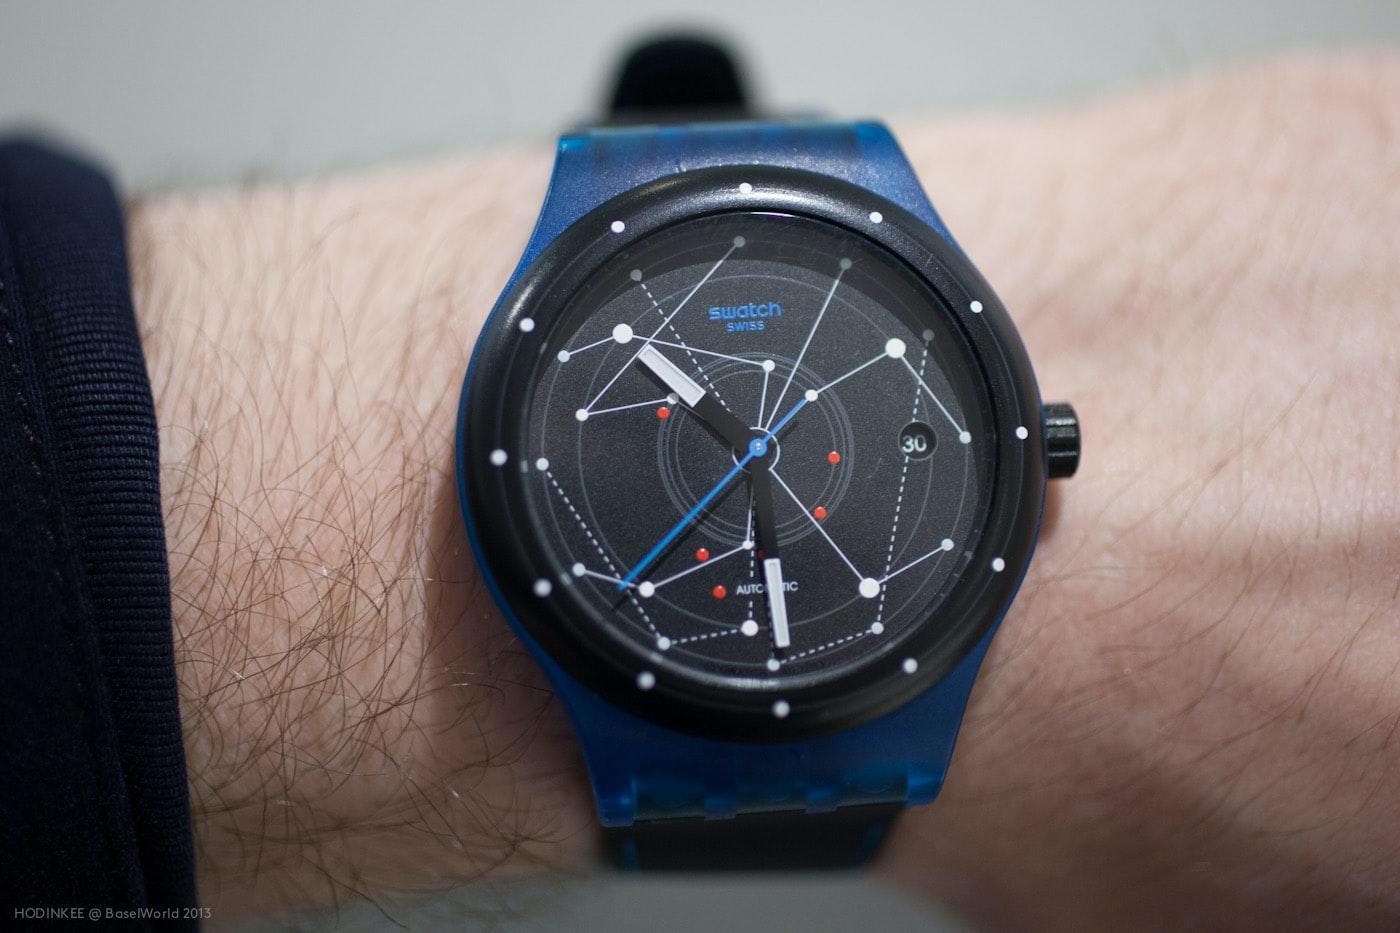 the sistem on the wrist